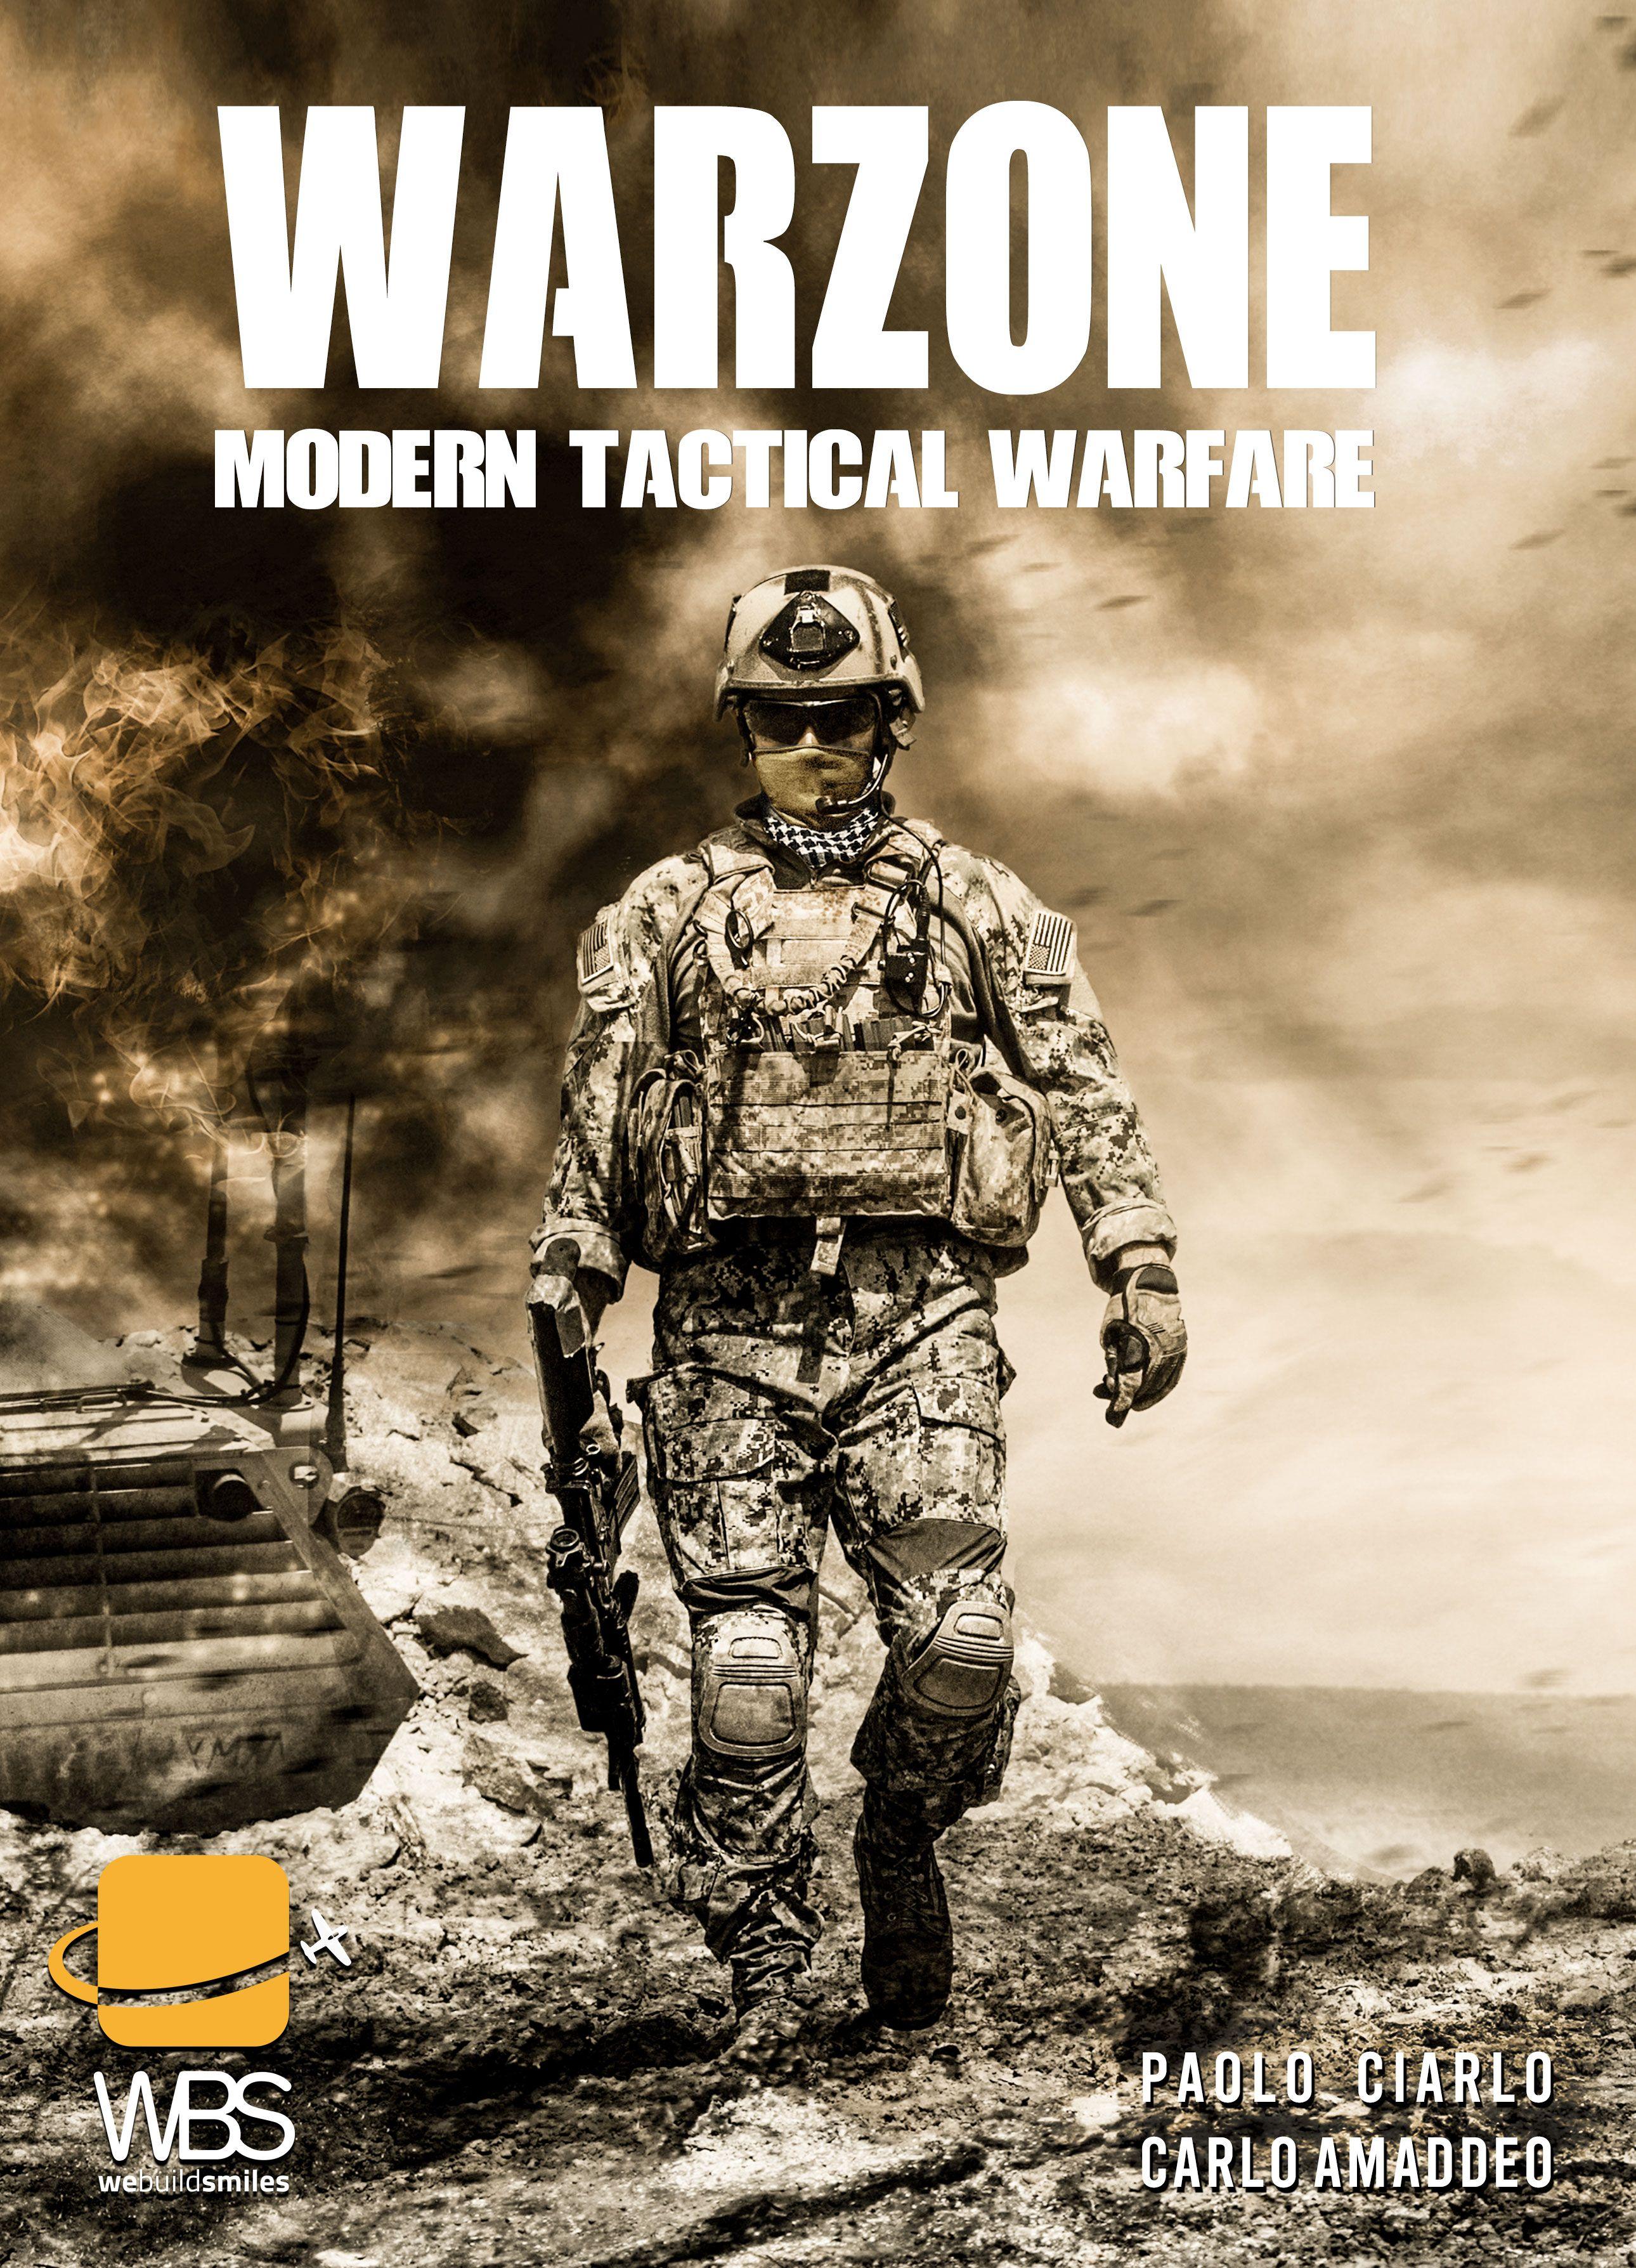 Warzone: Modern Tactical Warfare